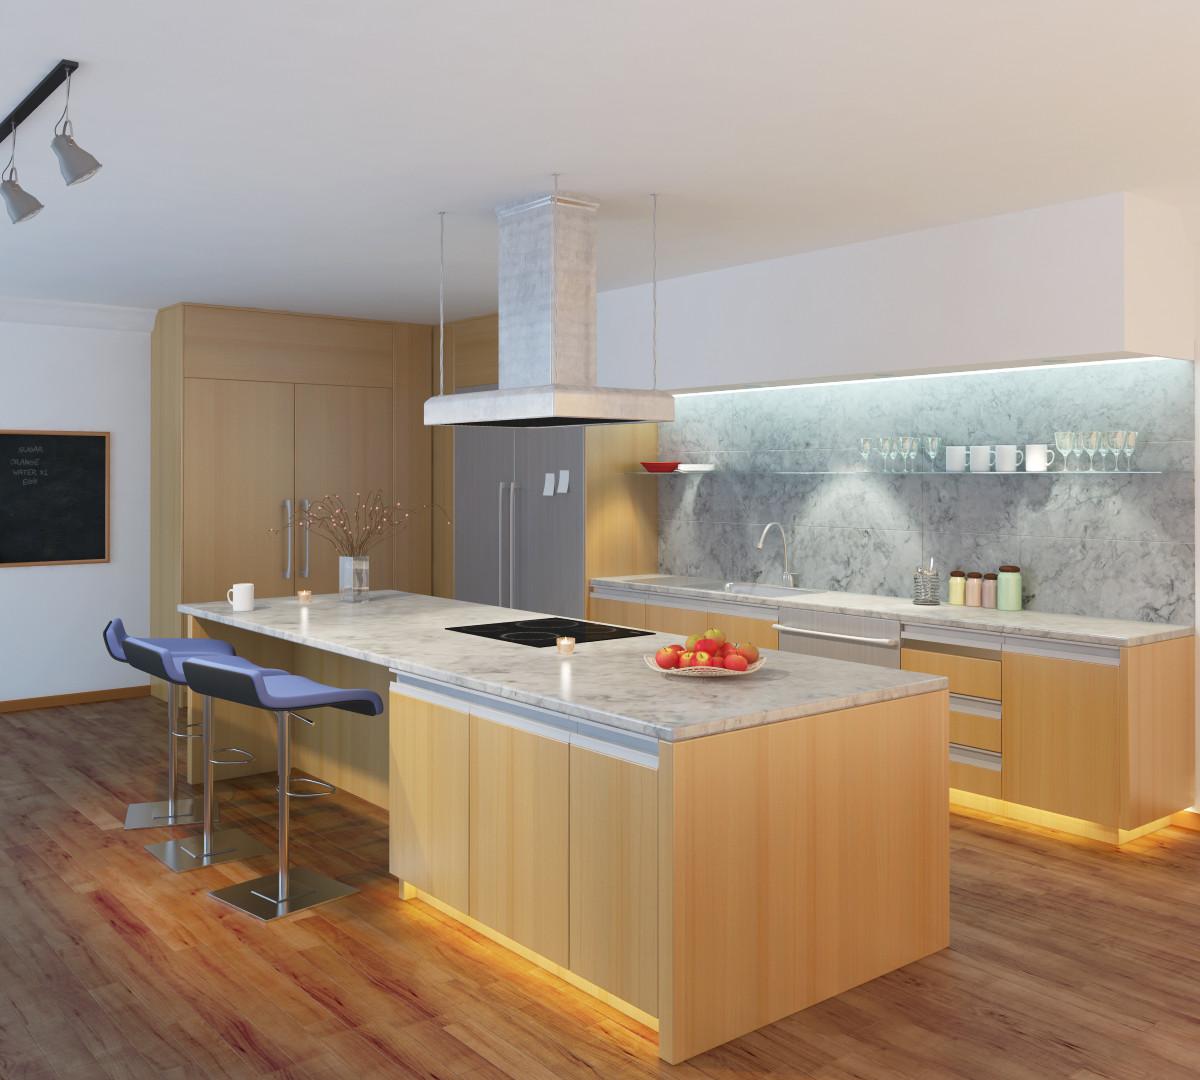 Kitchen_render_01.jpg